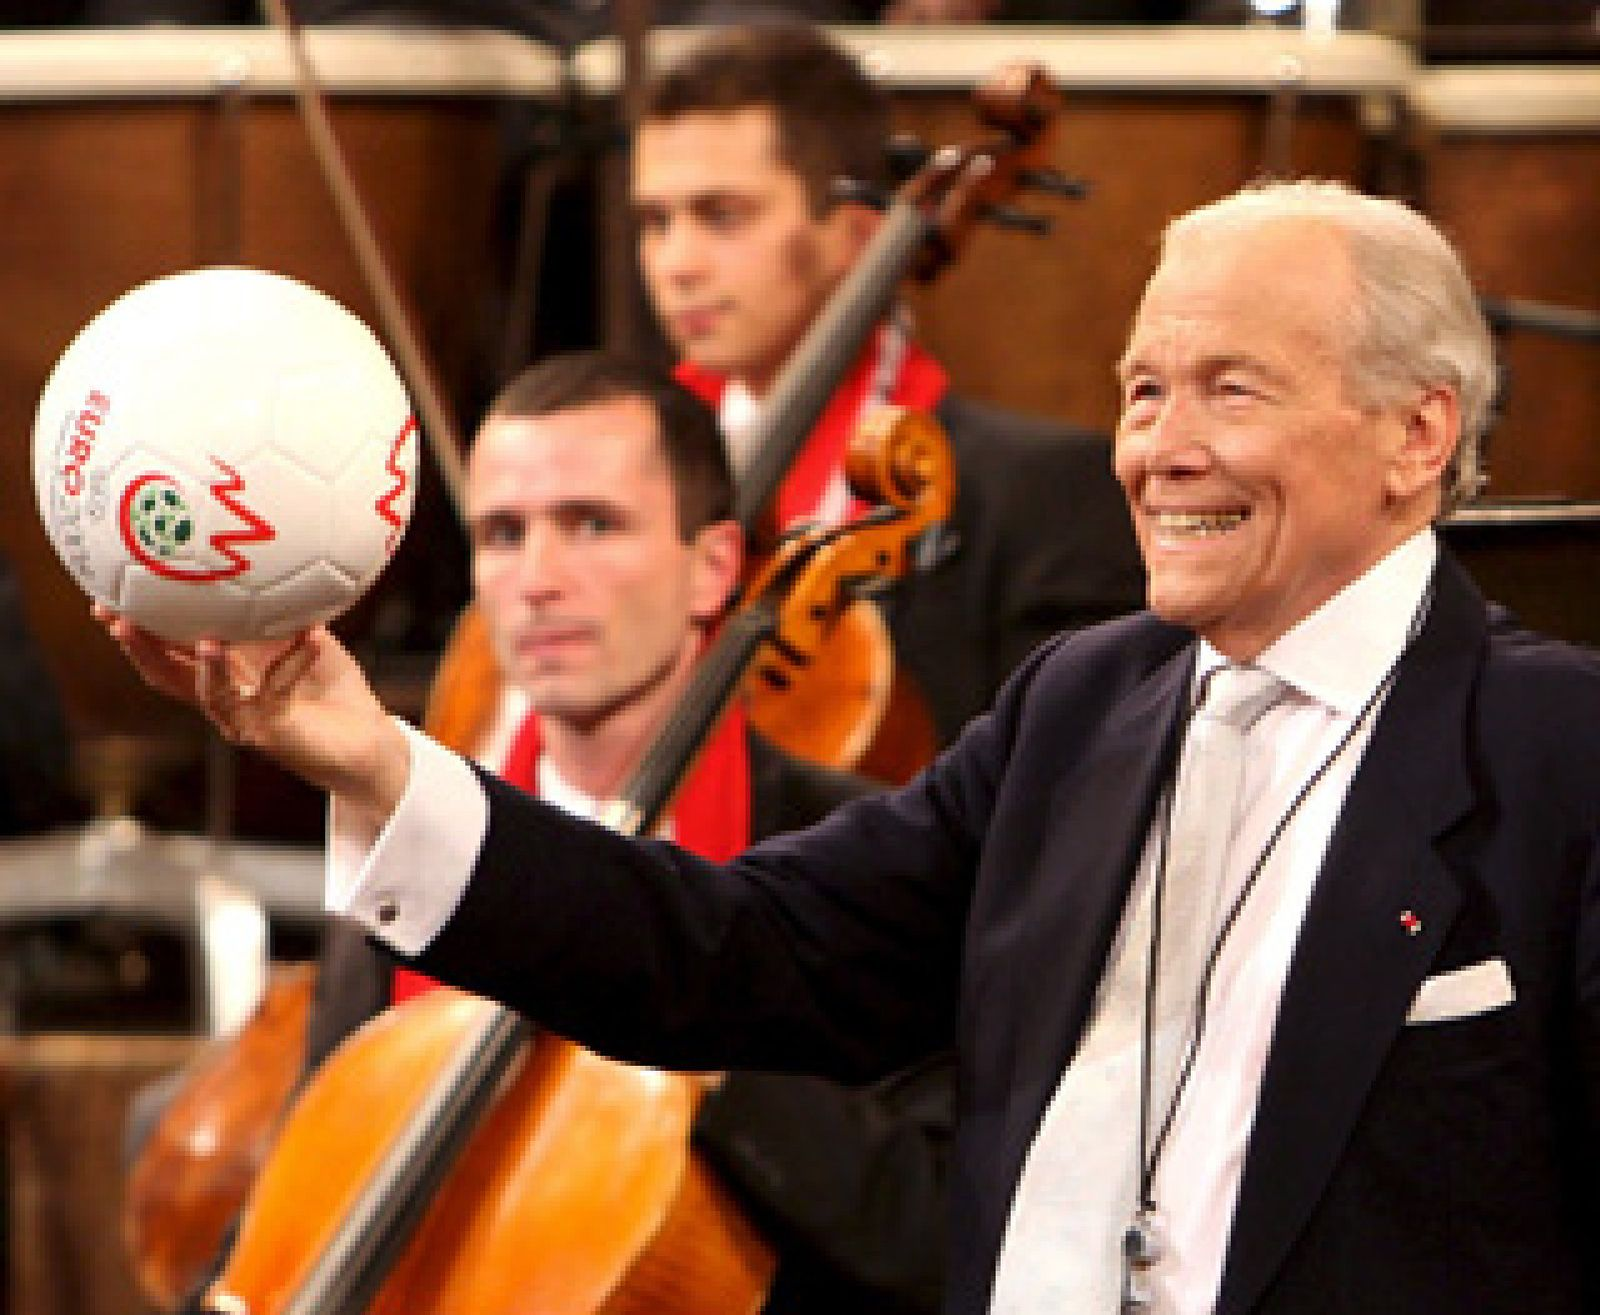 Foto: La Filarmónica de Viena da la bienvenida a 2008 con un concierto centrado en Francia y la Eurocopa